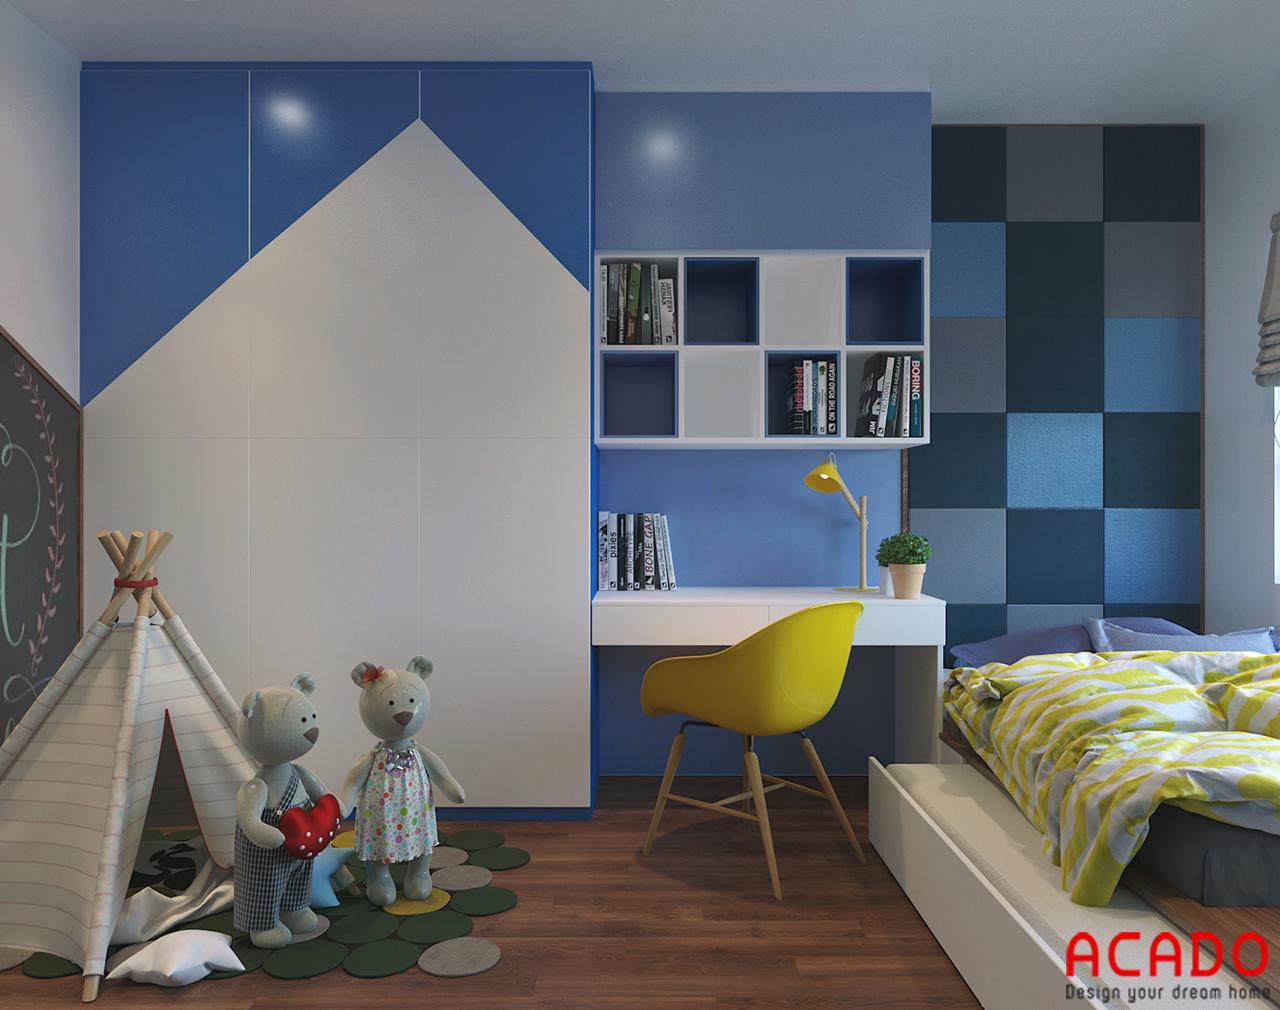 Bày trí các đồ nội thất trong phòng ngủ cho bé gam màu xanh nổi bật và thu hút các bé